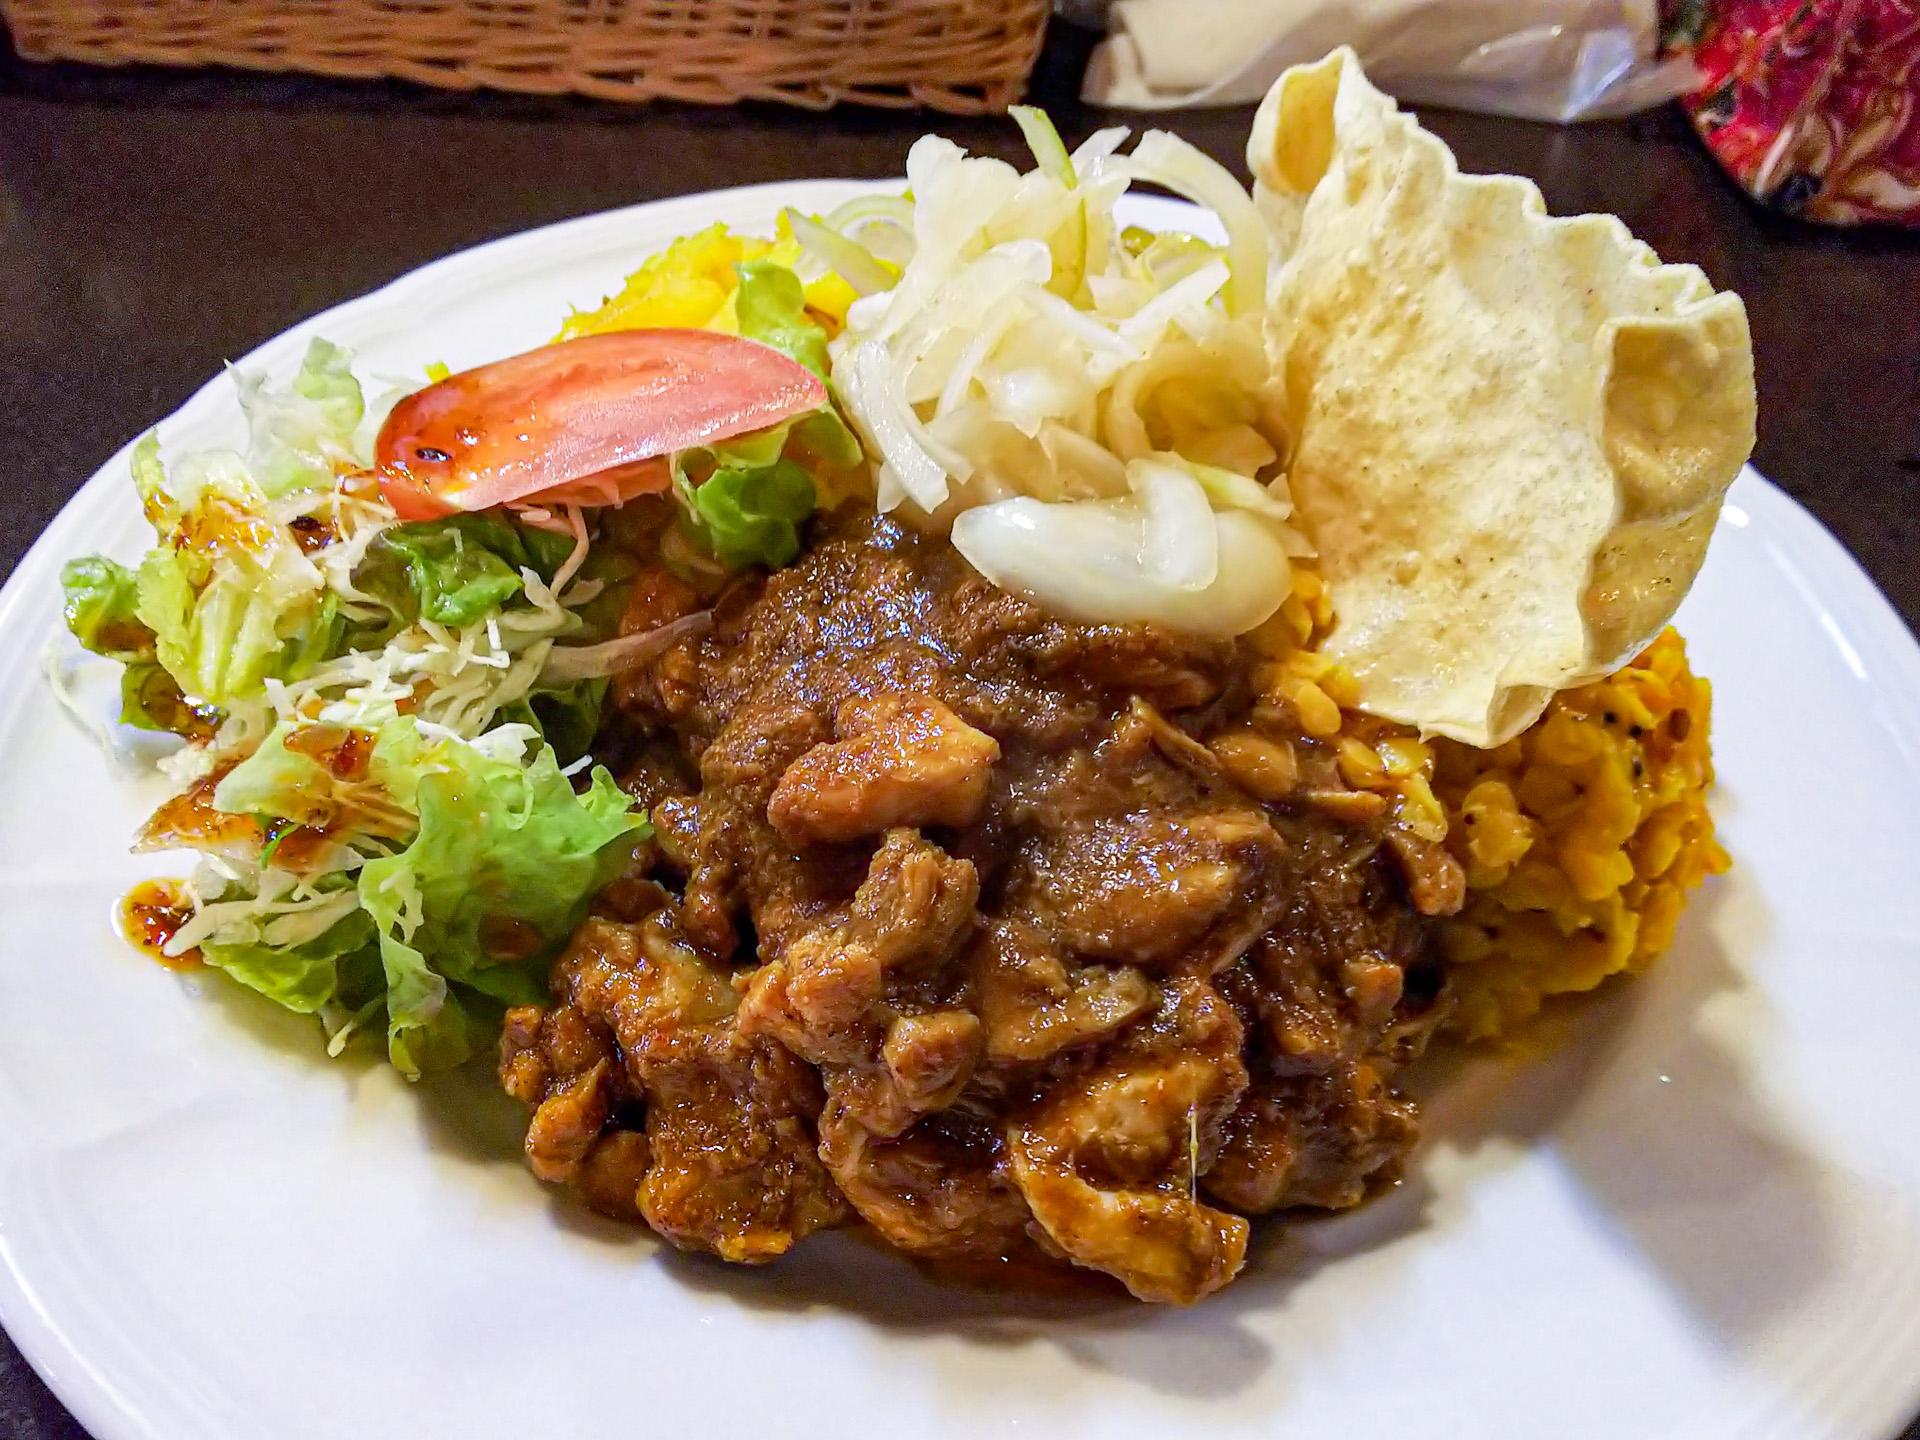 札幌はスープカレーだけじゃない! インドやスリランカ、パキスタンなどの美味しいカレー店 5選 1